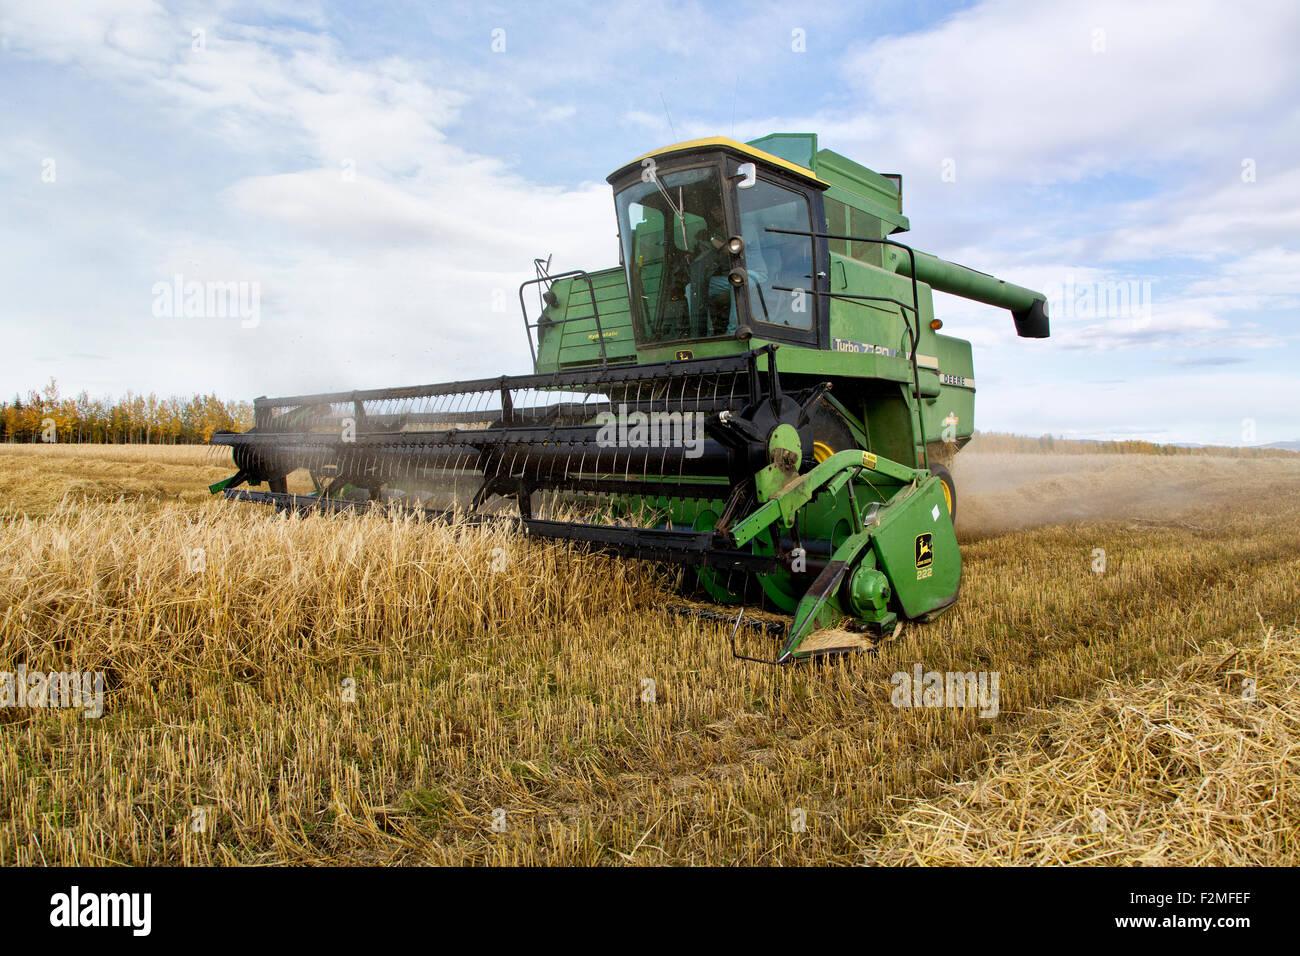 Cosecha de Cebada 'variedad' de la ARRA, agricultor de funcionamiento cosechadora John Deere 7720. Imagen De Stock